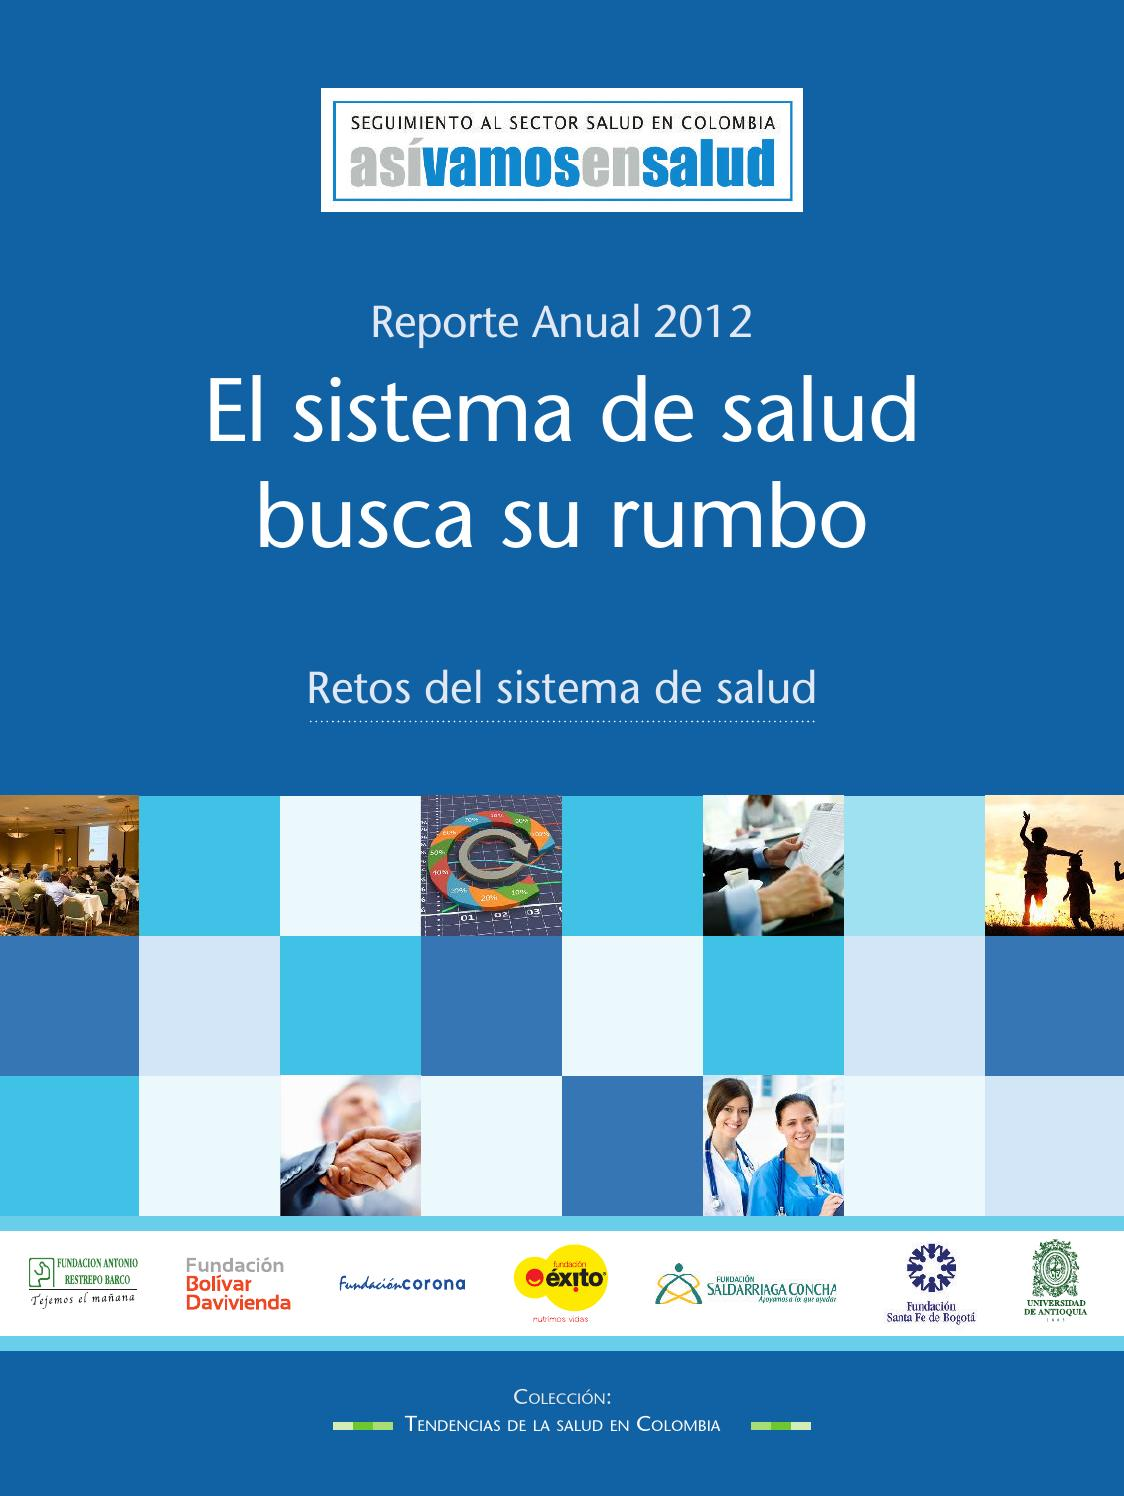 Informe anual avs 2012 by Así Vamos en Salud - issuu